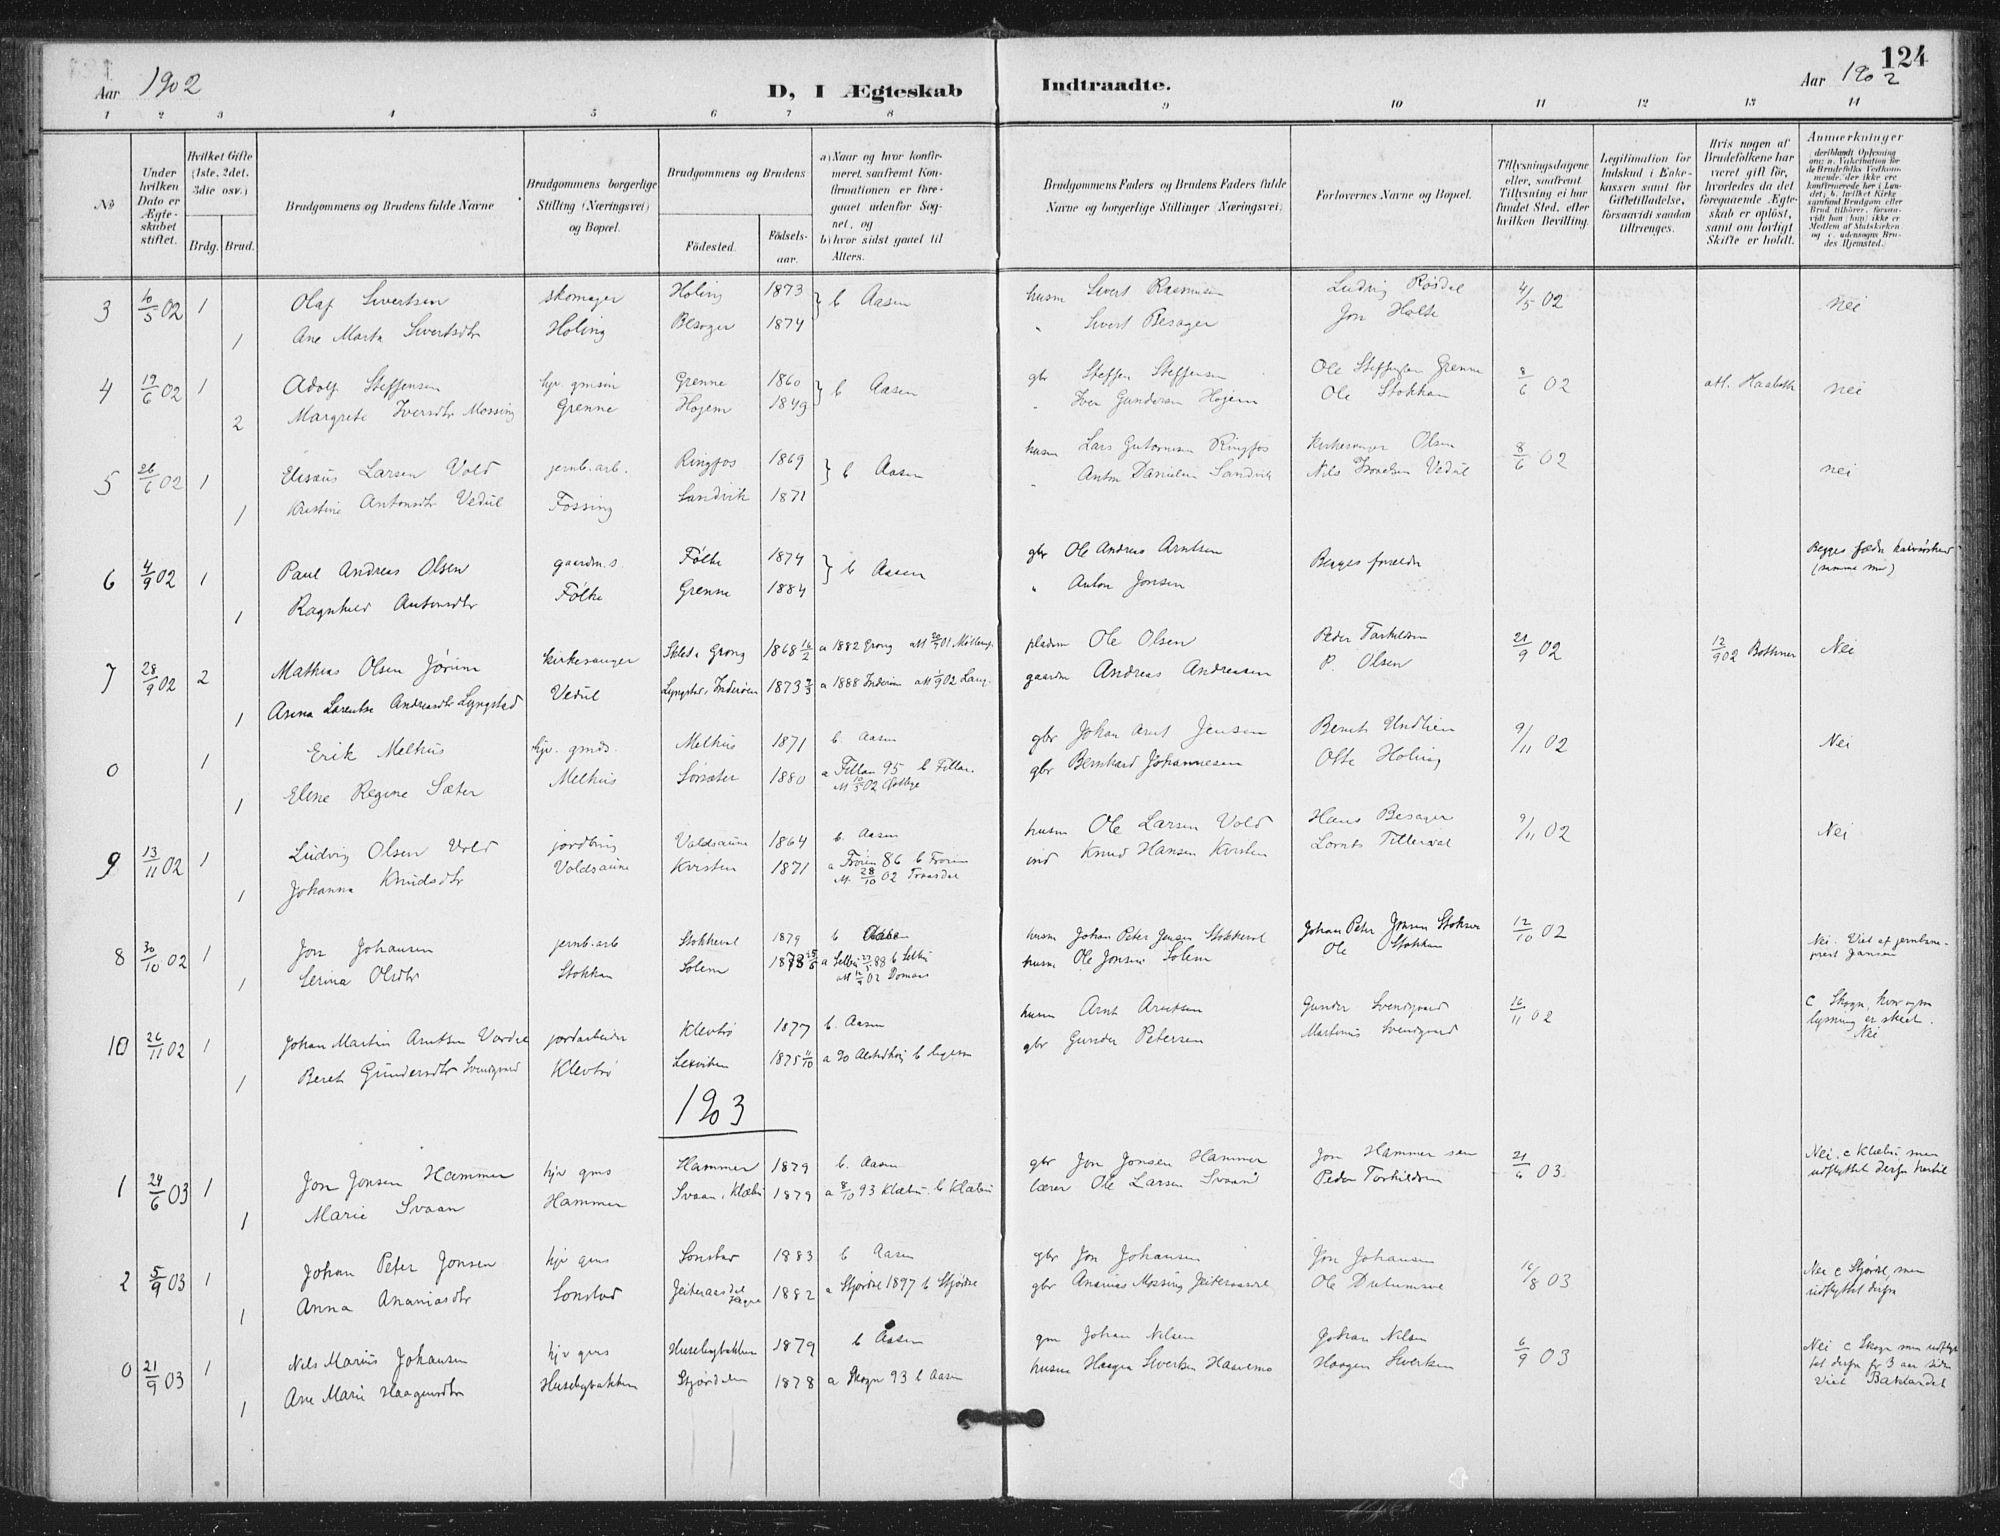 SAT, Ministerialprotokoller, klokkerbøker og fødselsregistre - Nord-Trøndelag, 714/L0131: Ministerialbok nr. 714A02, 1896-1918, s. 124